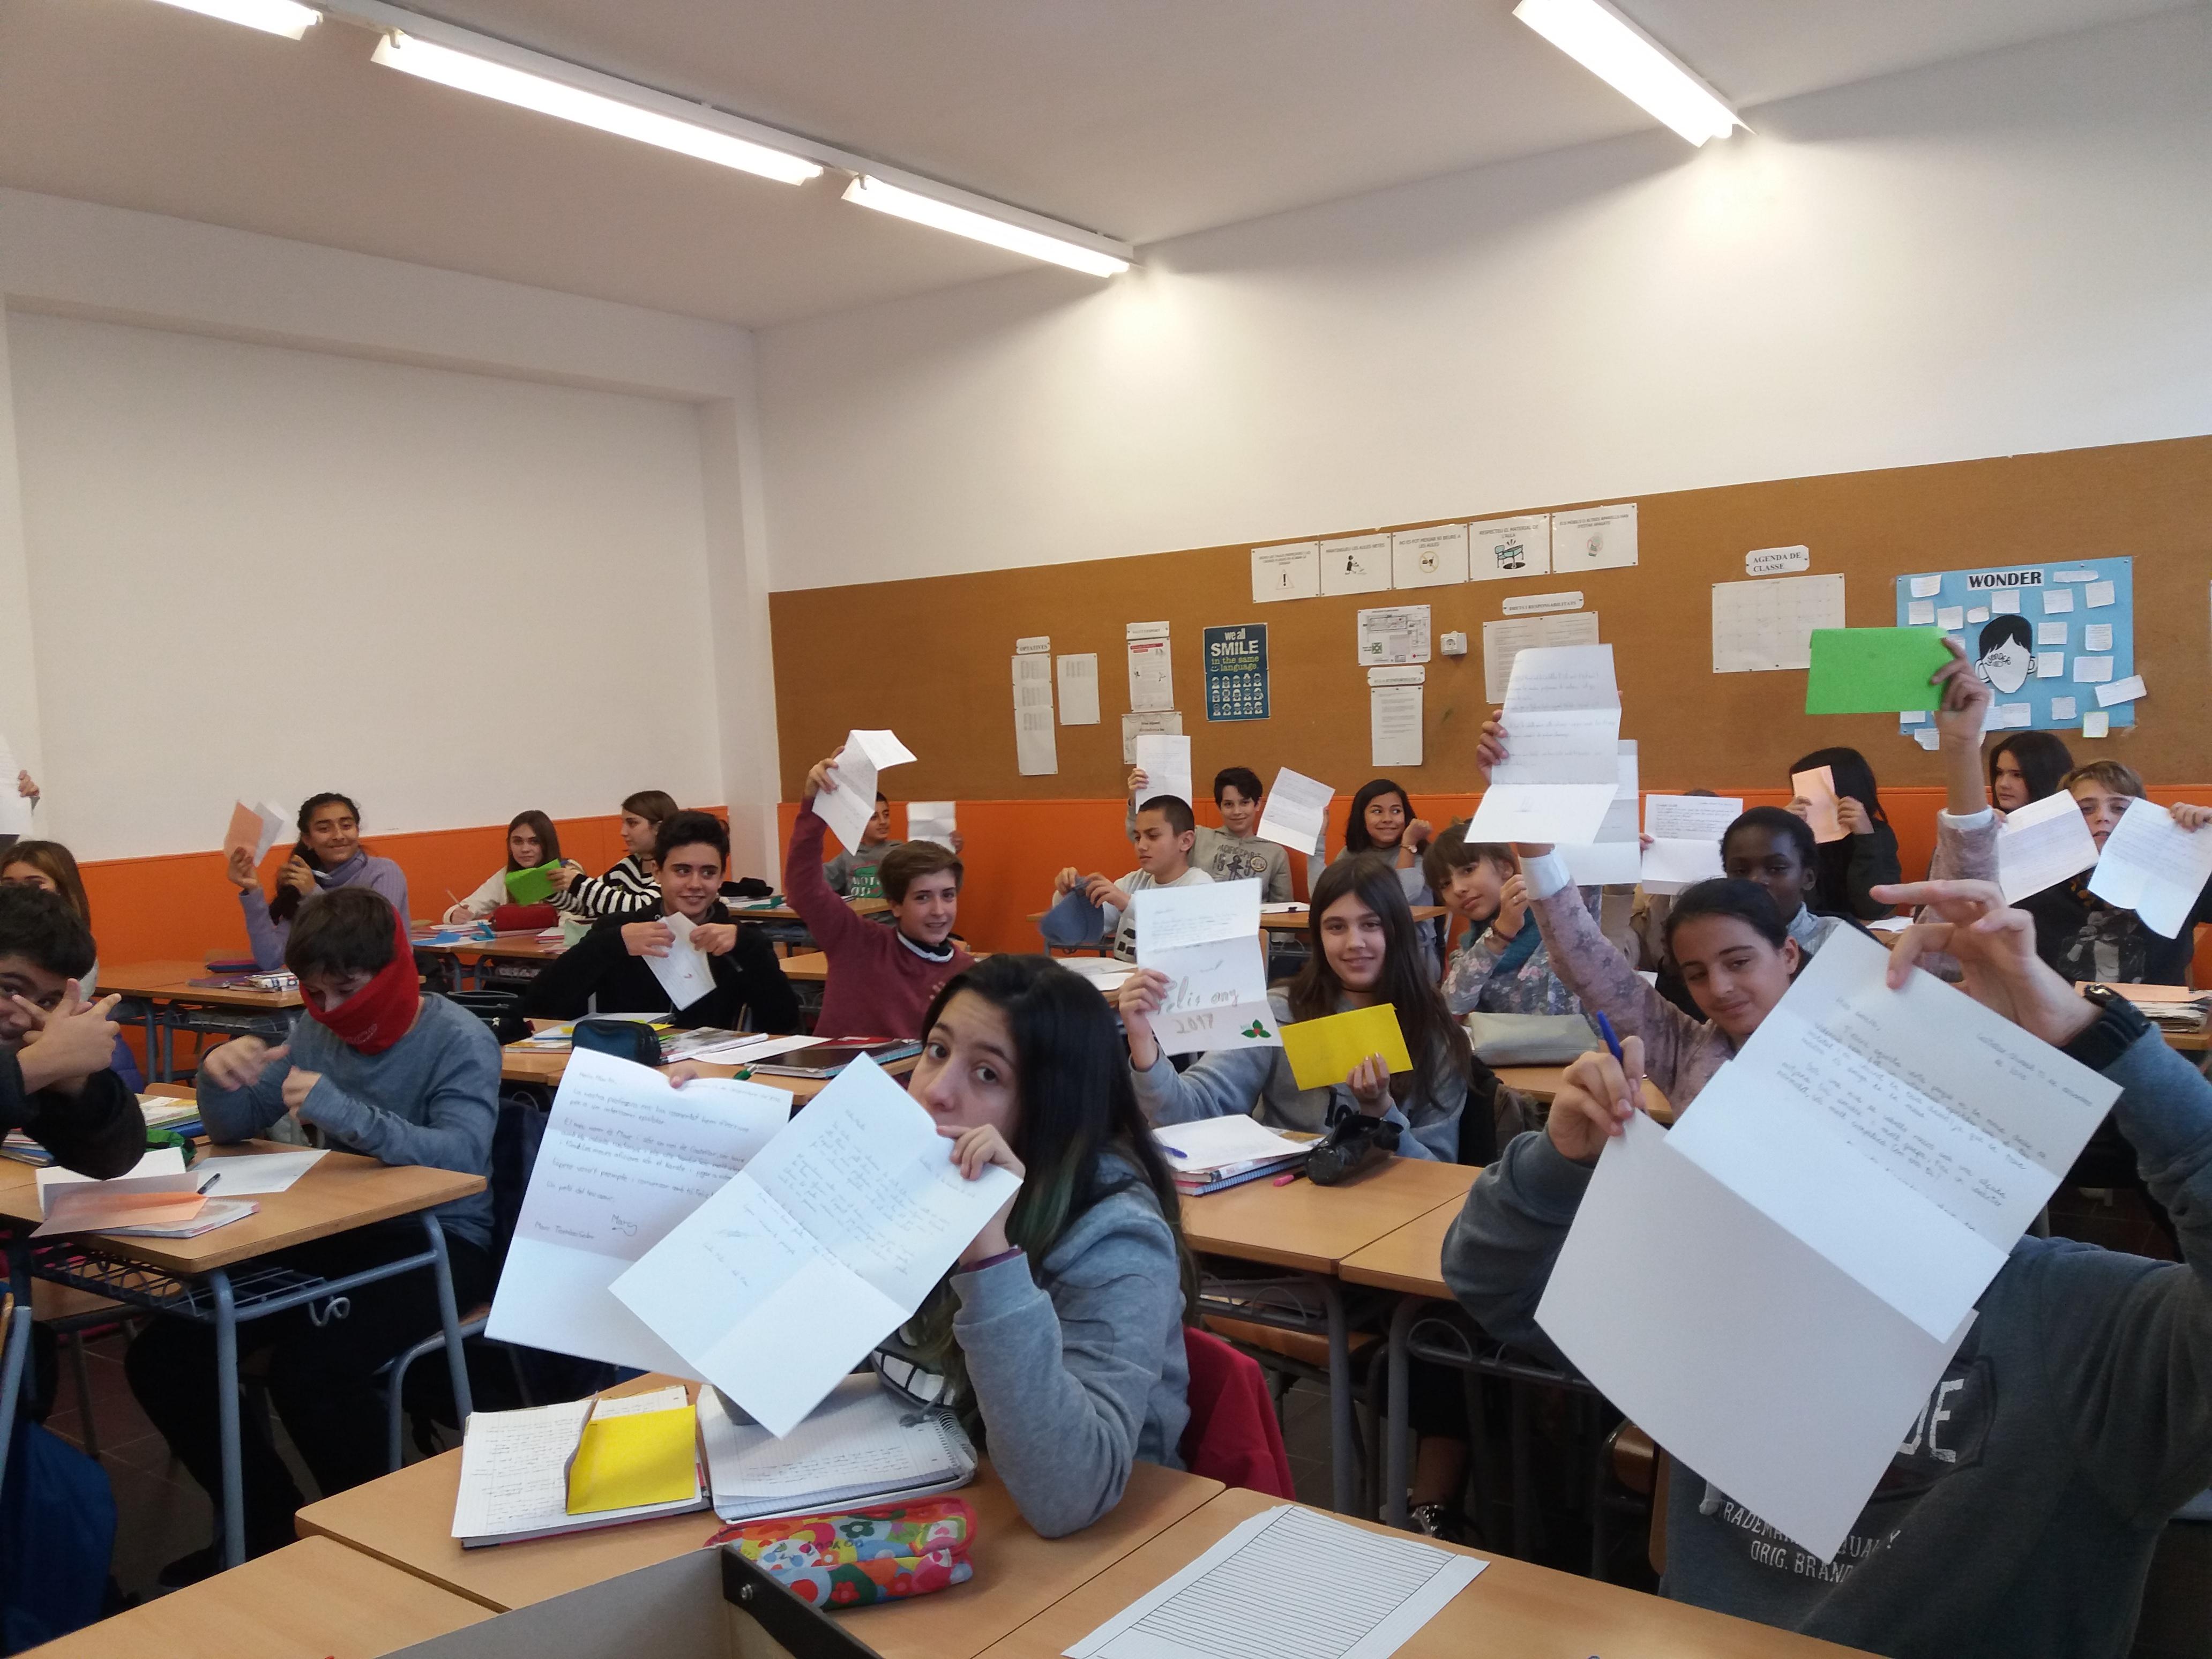 Intercanvi amb l'Institut El Ravatxol de València, Projecte de llengua catalana de 1r d'ESO